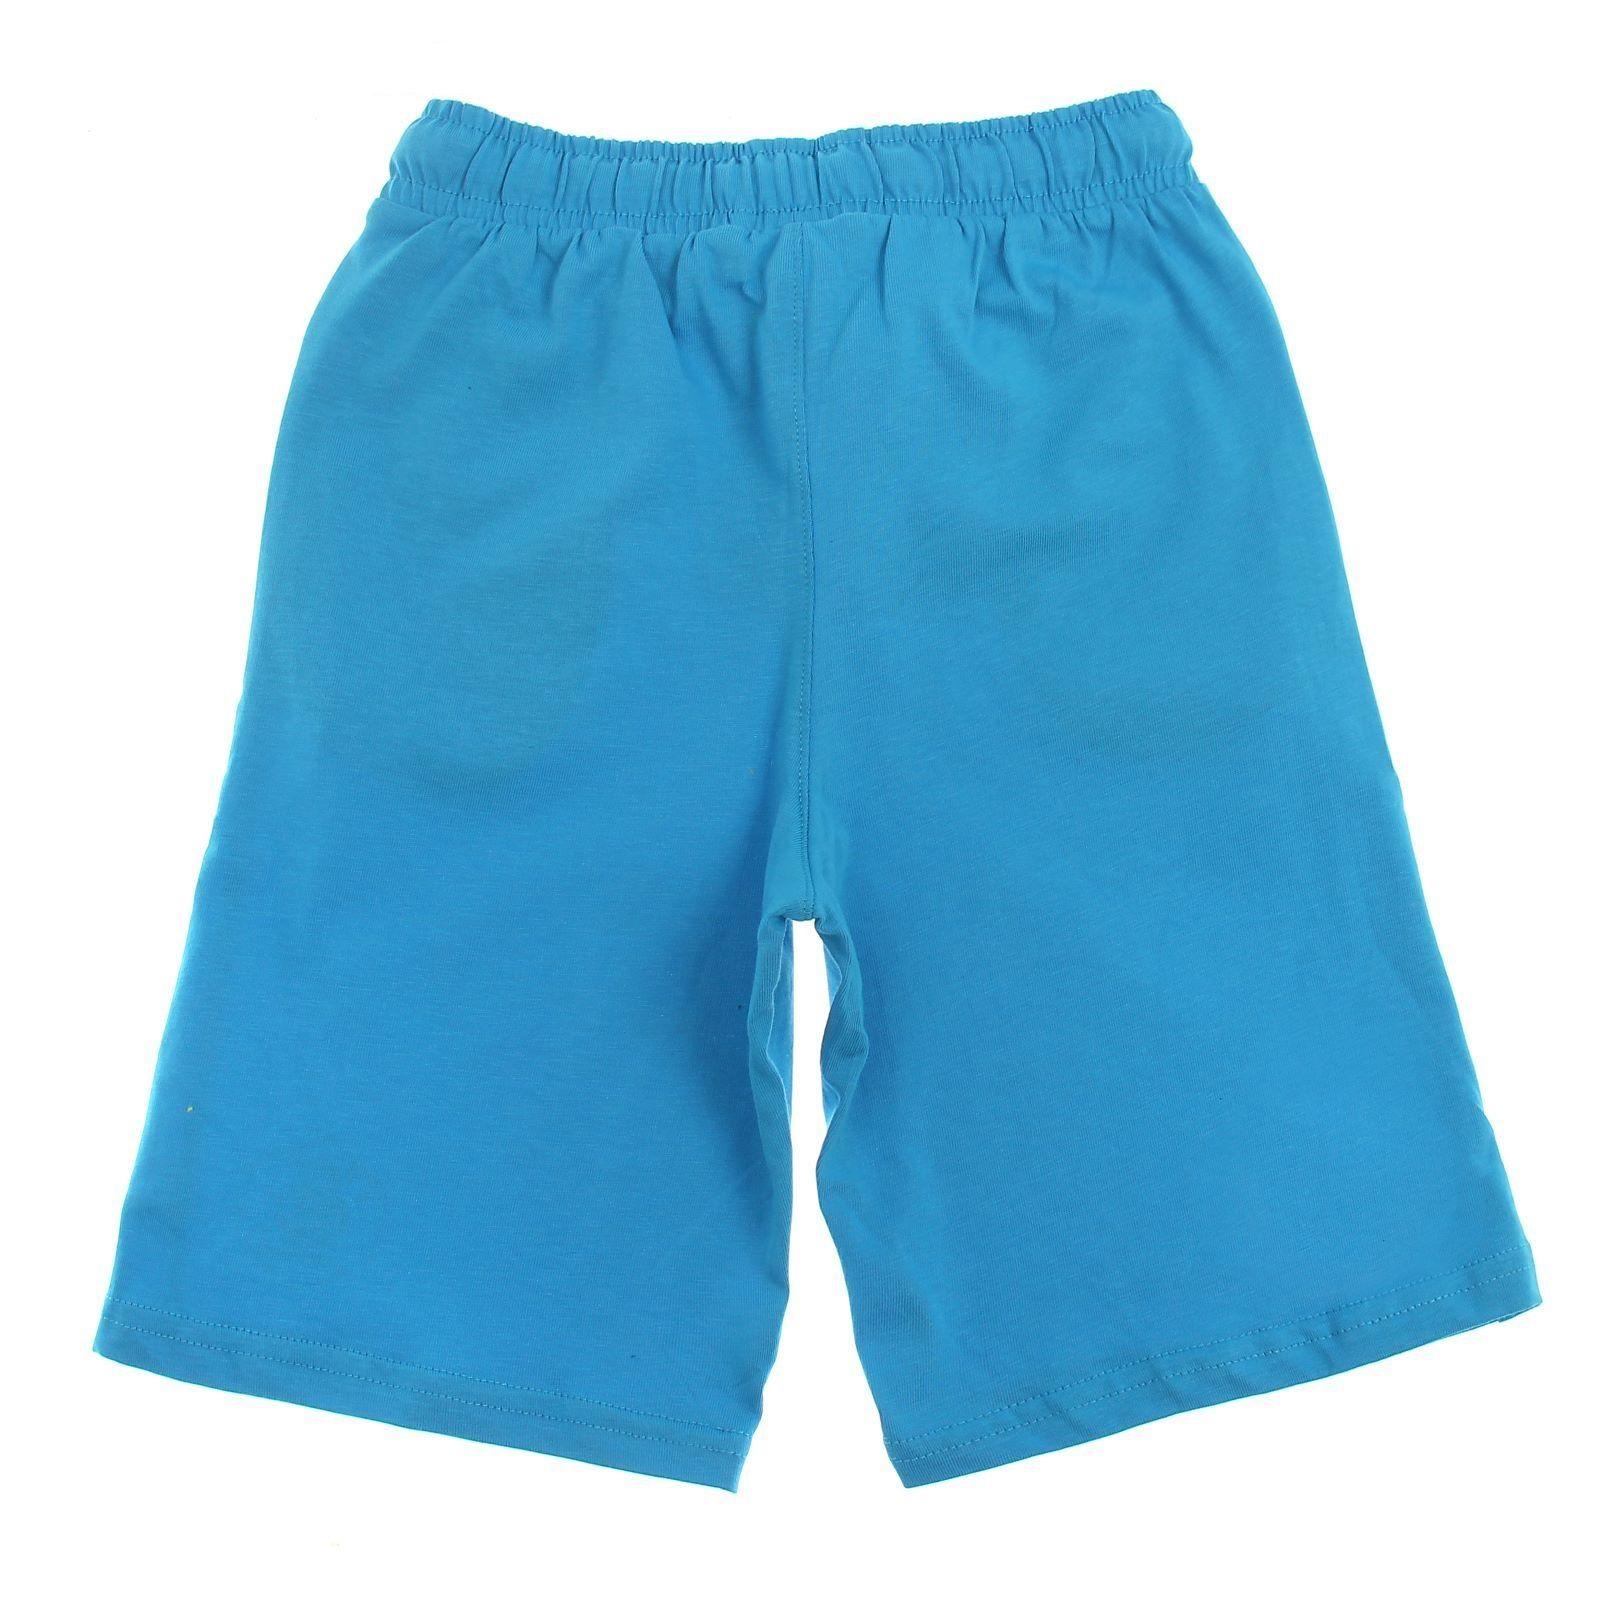 Шорты для мальчика S.Bike, синие, 134 см